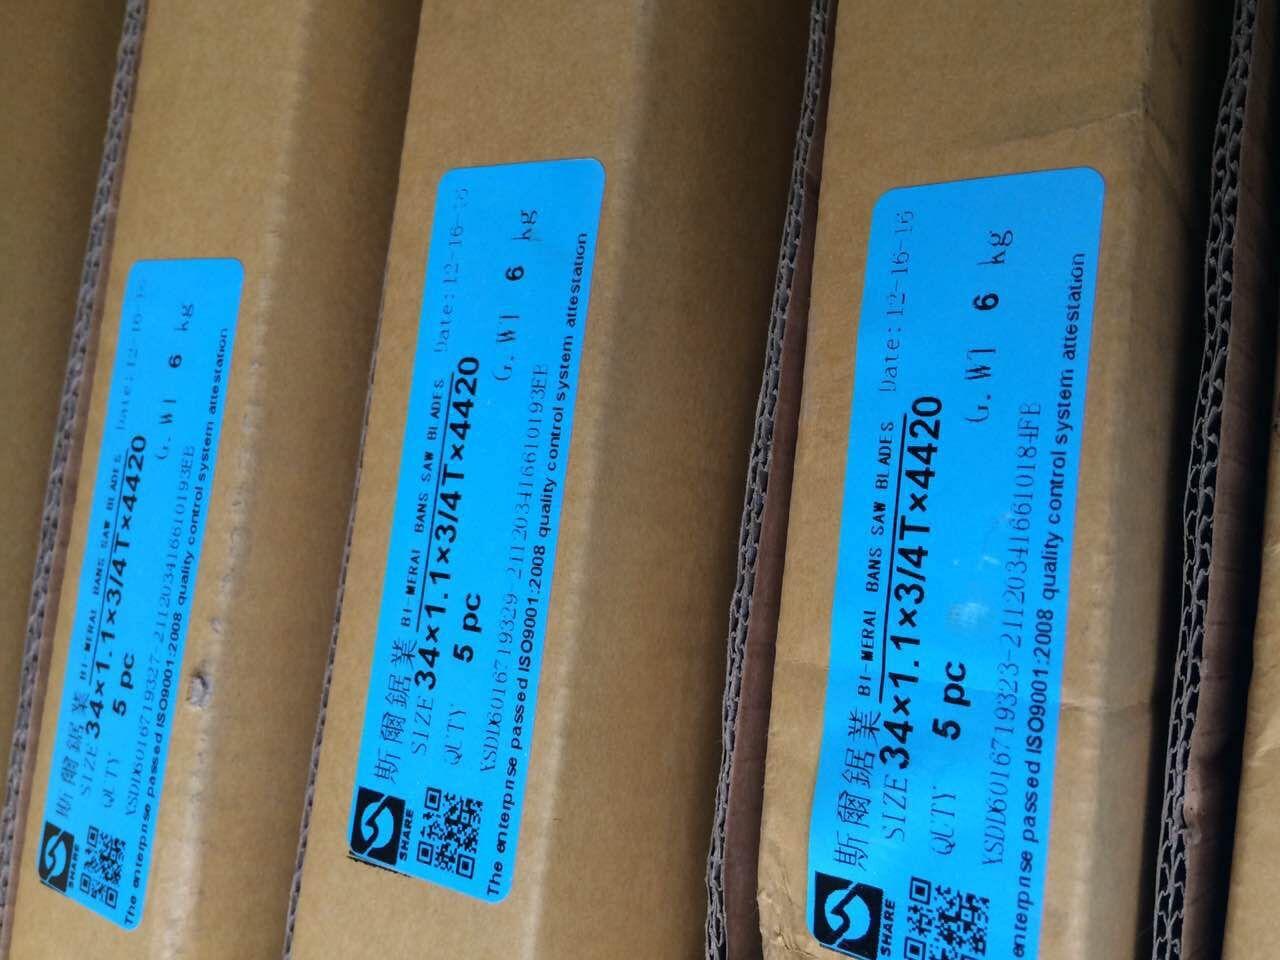 美國斯爾帶鋸條專賣店|浙江合格的美國斯爾帶鋸條生產廠家